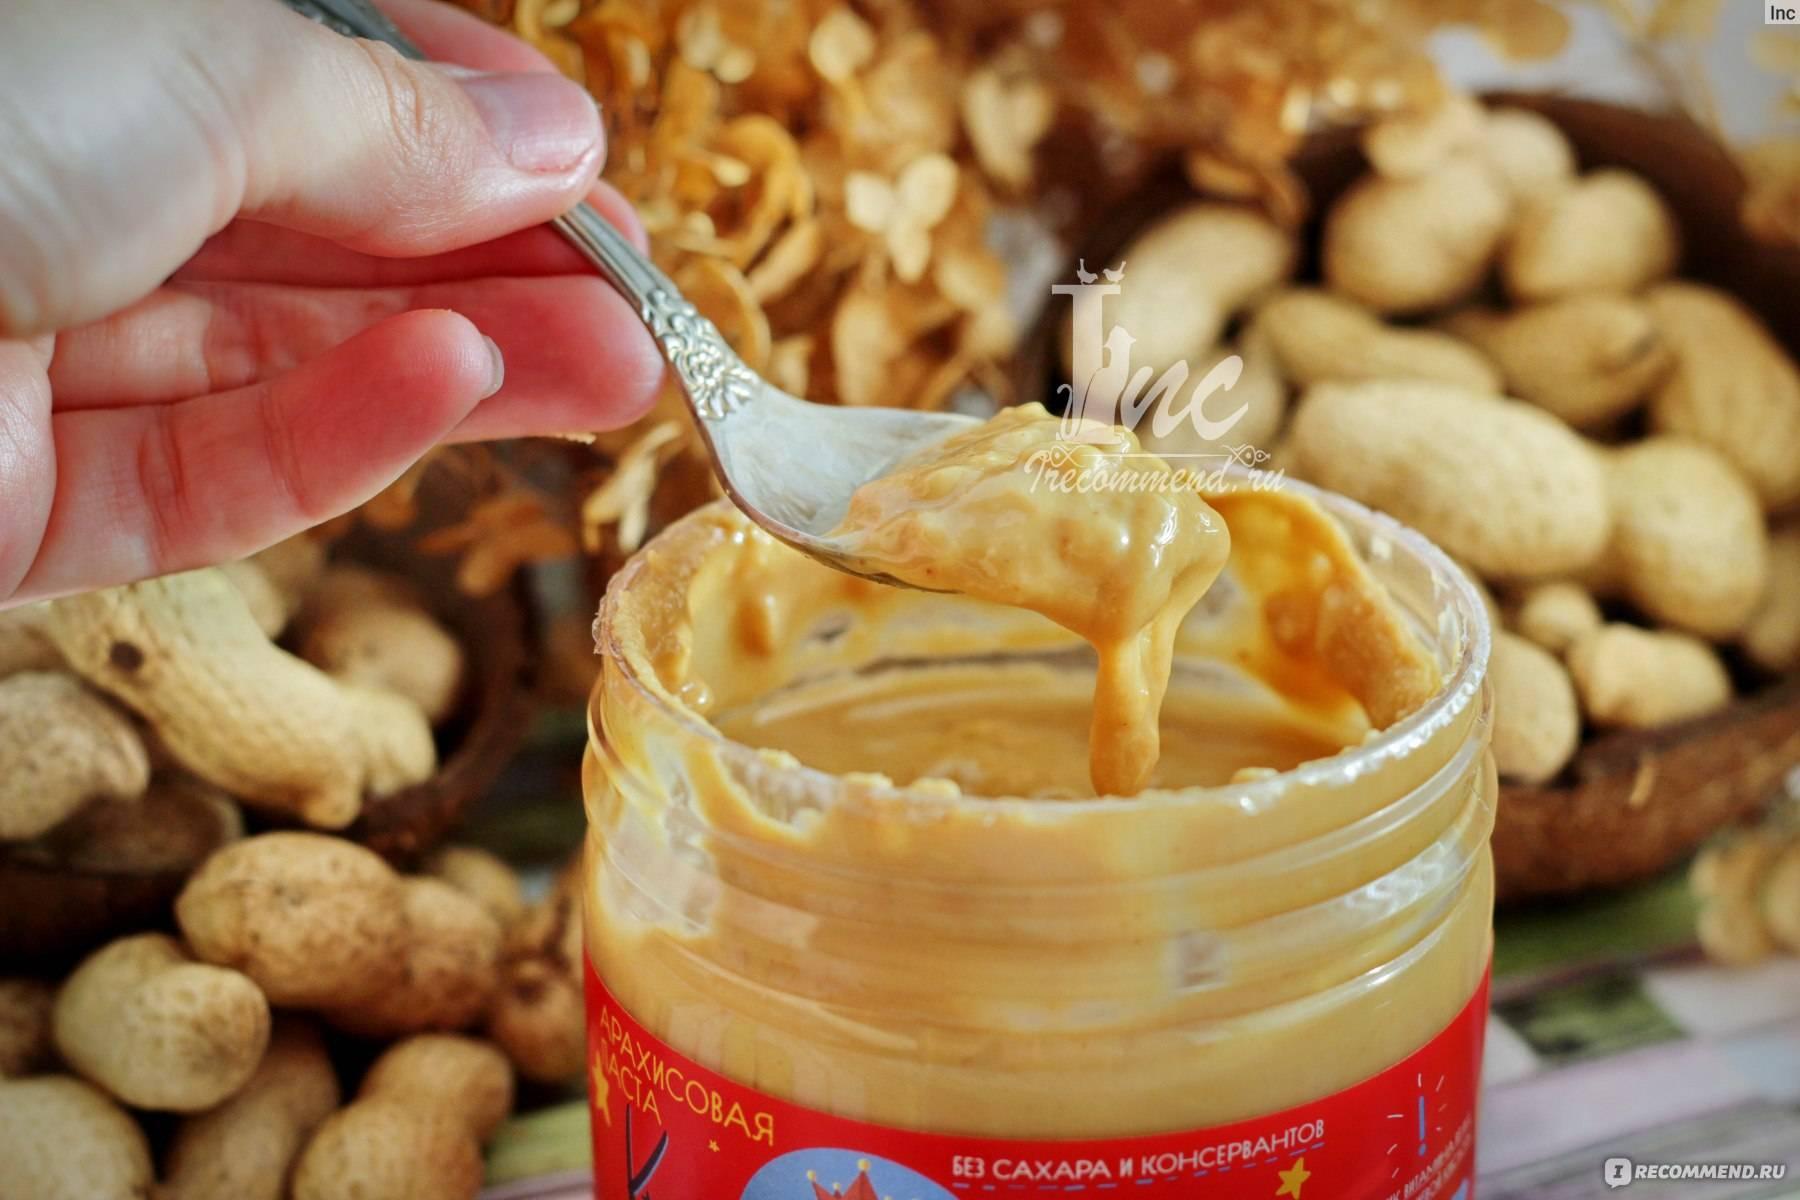 Грецкие орехи vs миндаль — что полезнее? - новости медицины